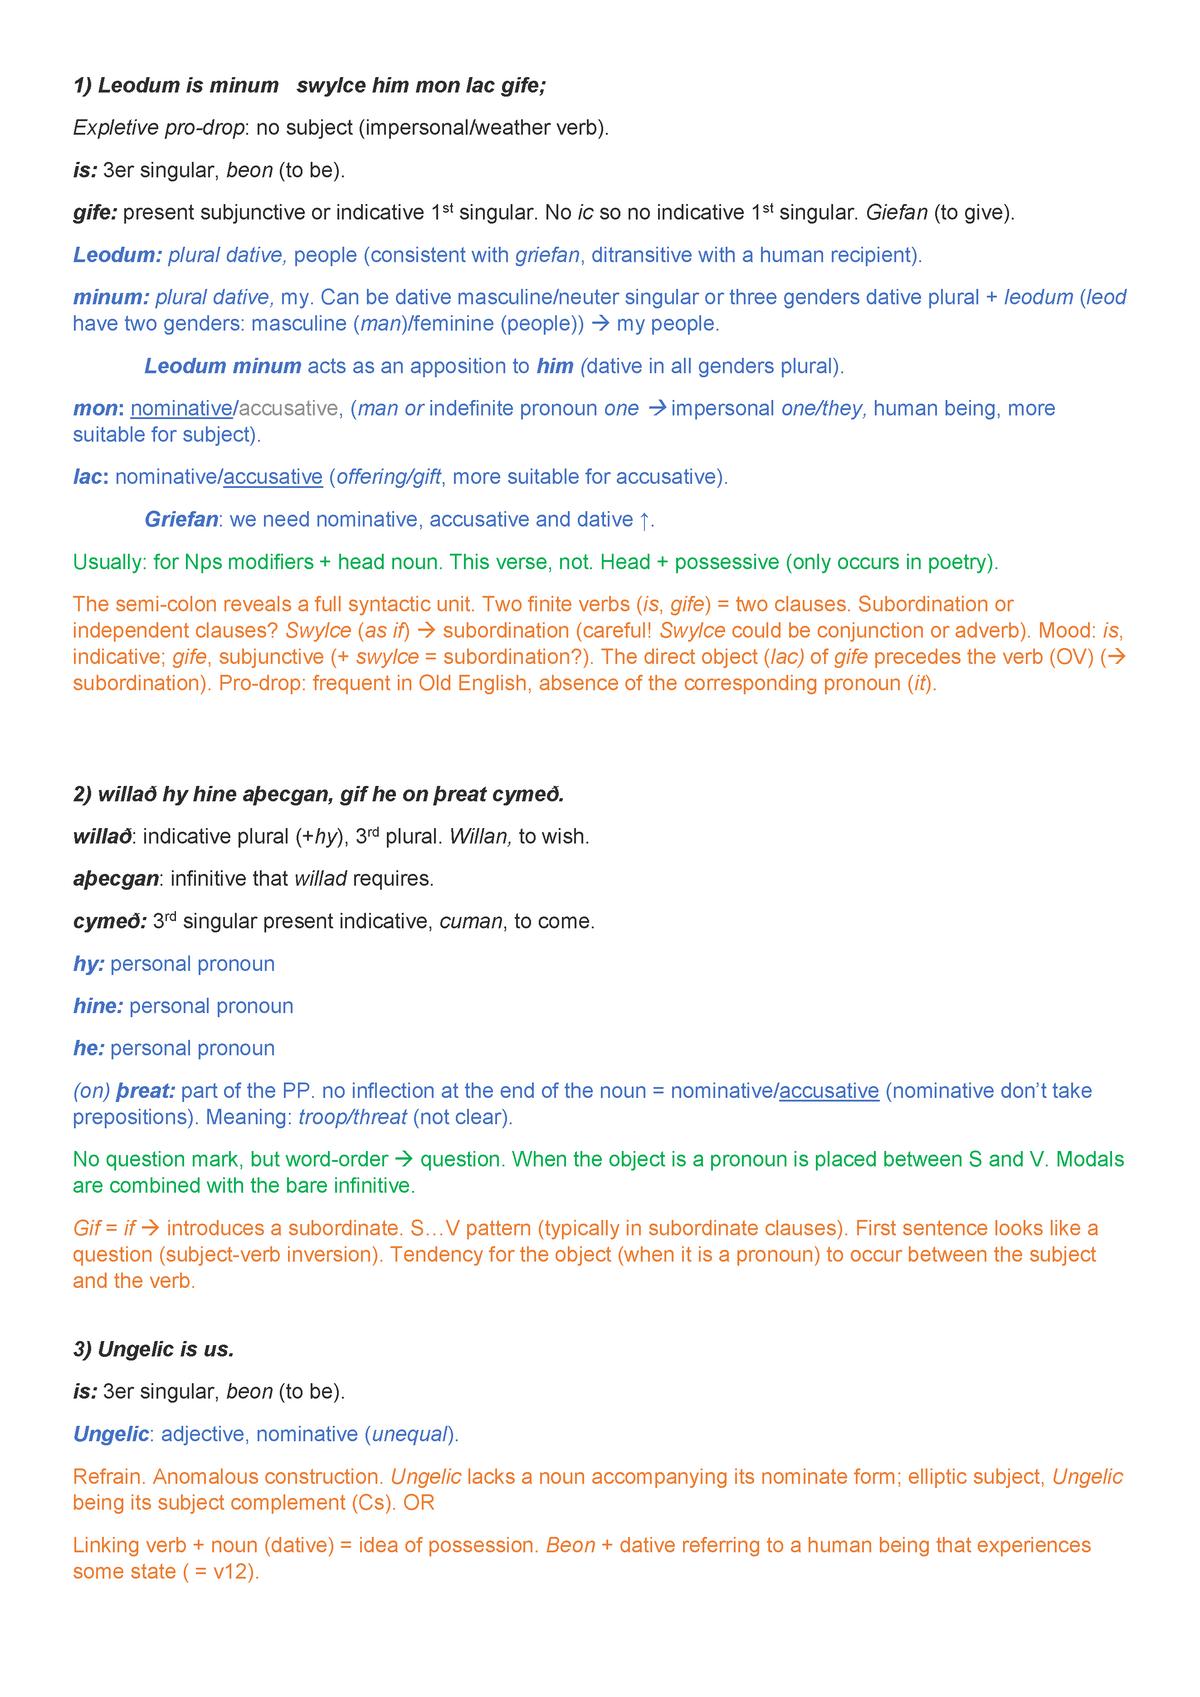 Old English Texts - 6402304: Diacronía y Tipología del